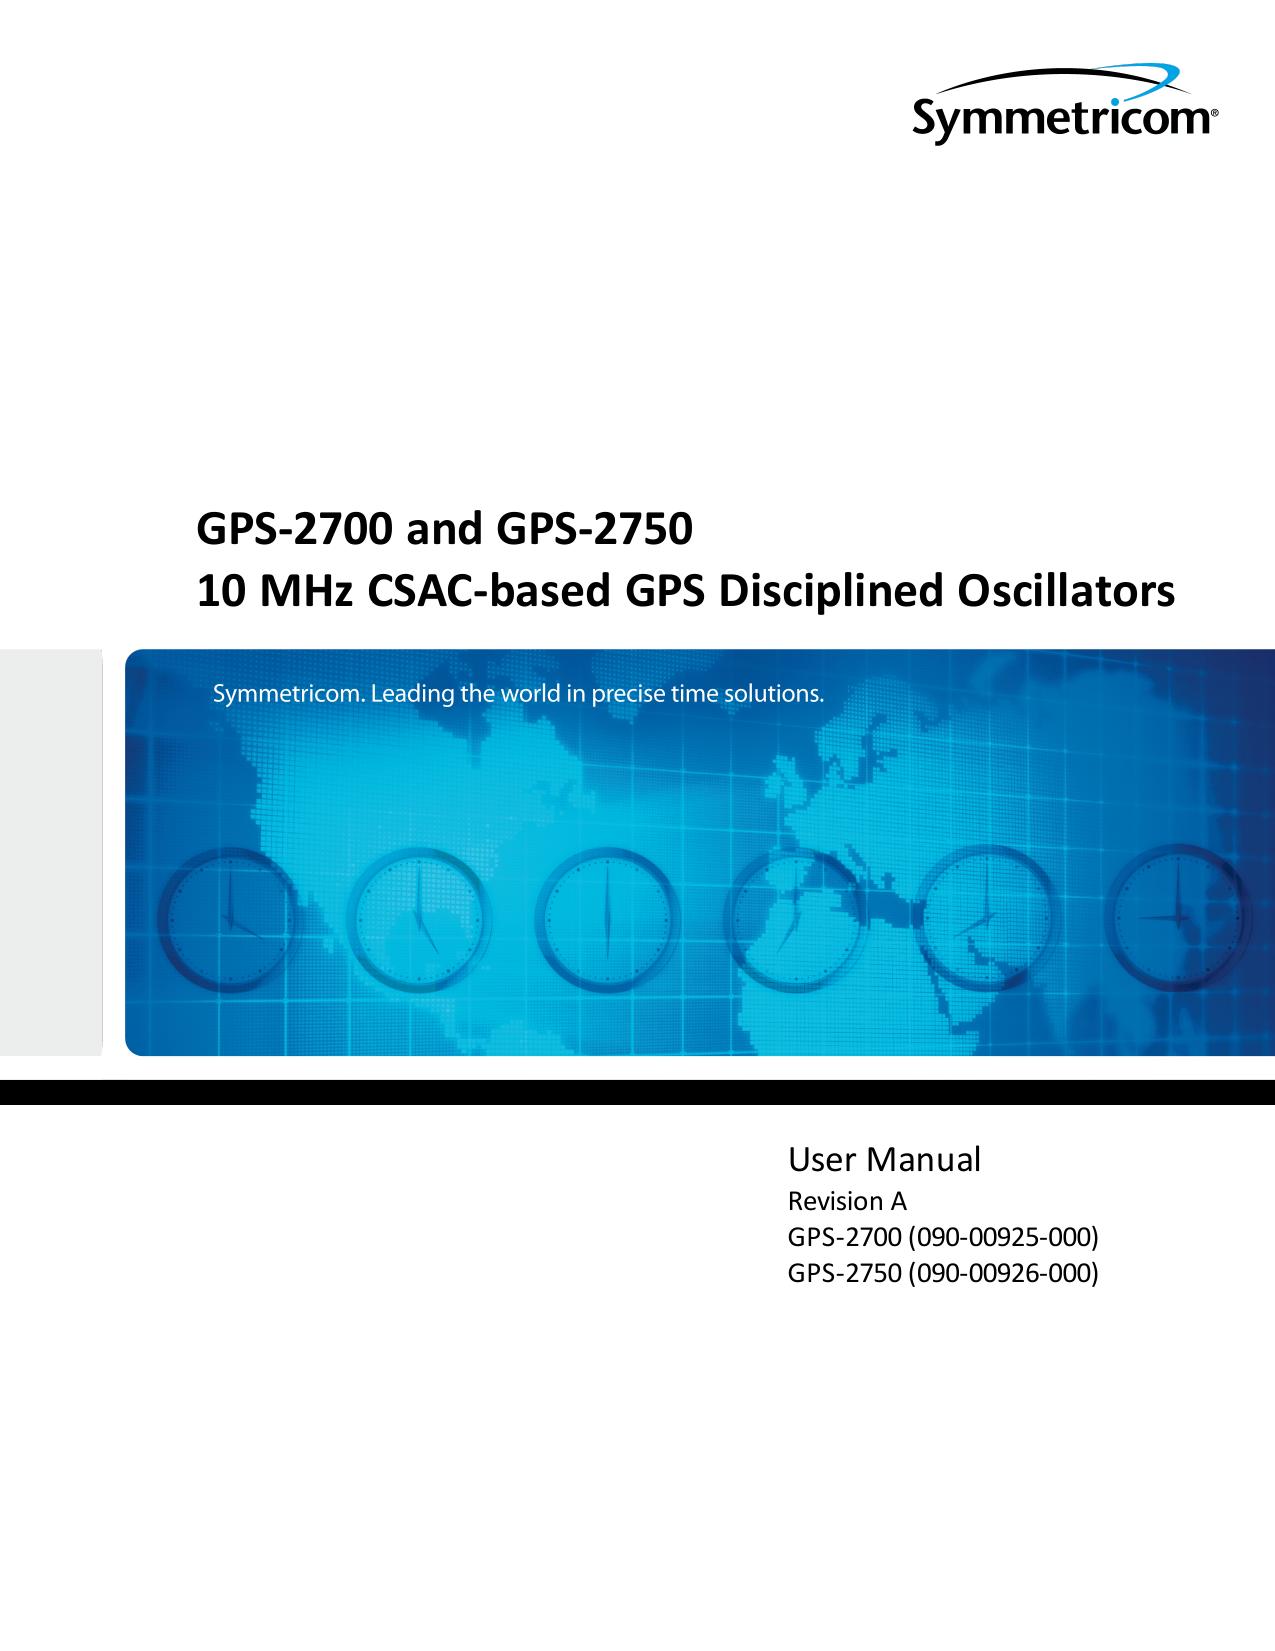 GPS-2750 Manual | manualzz com